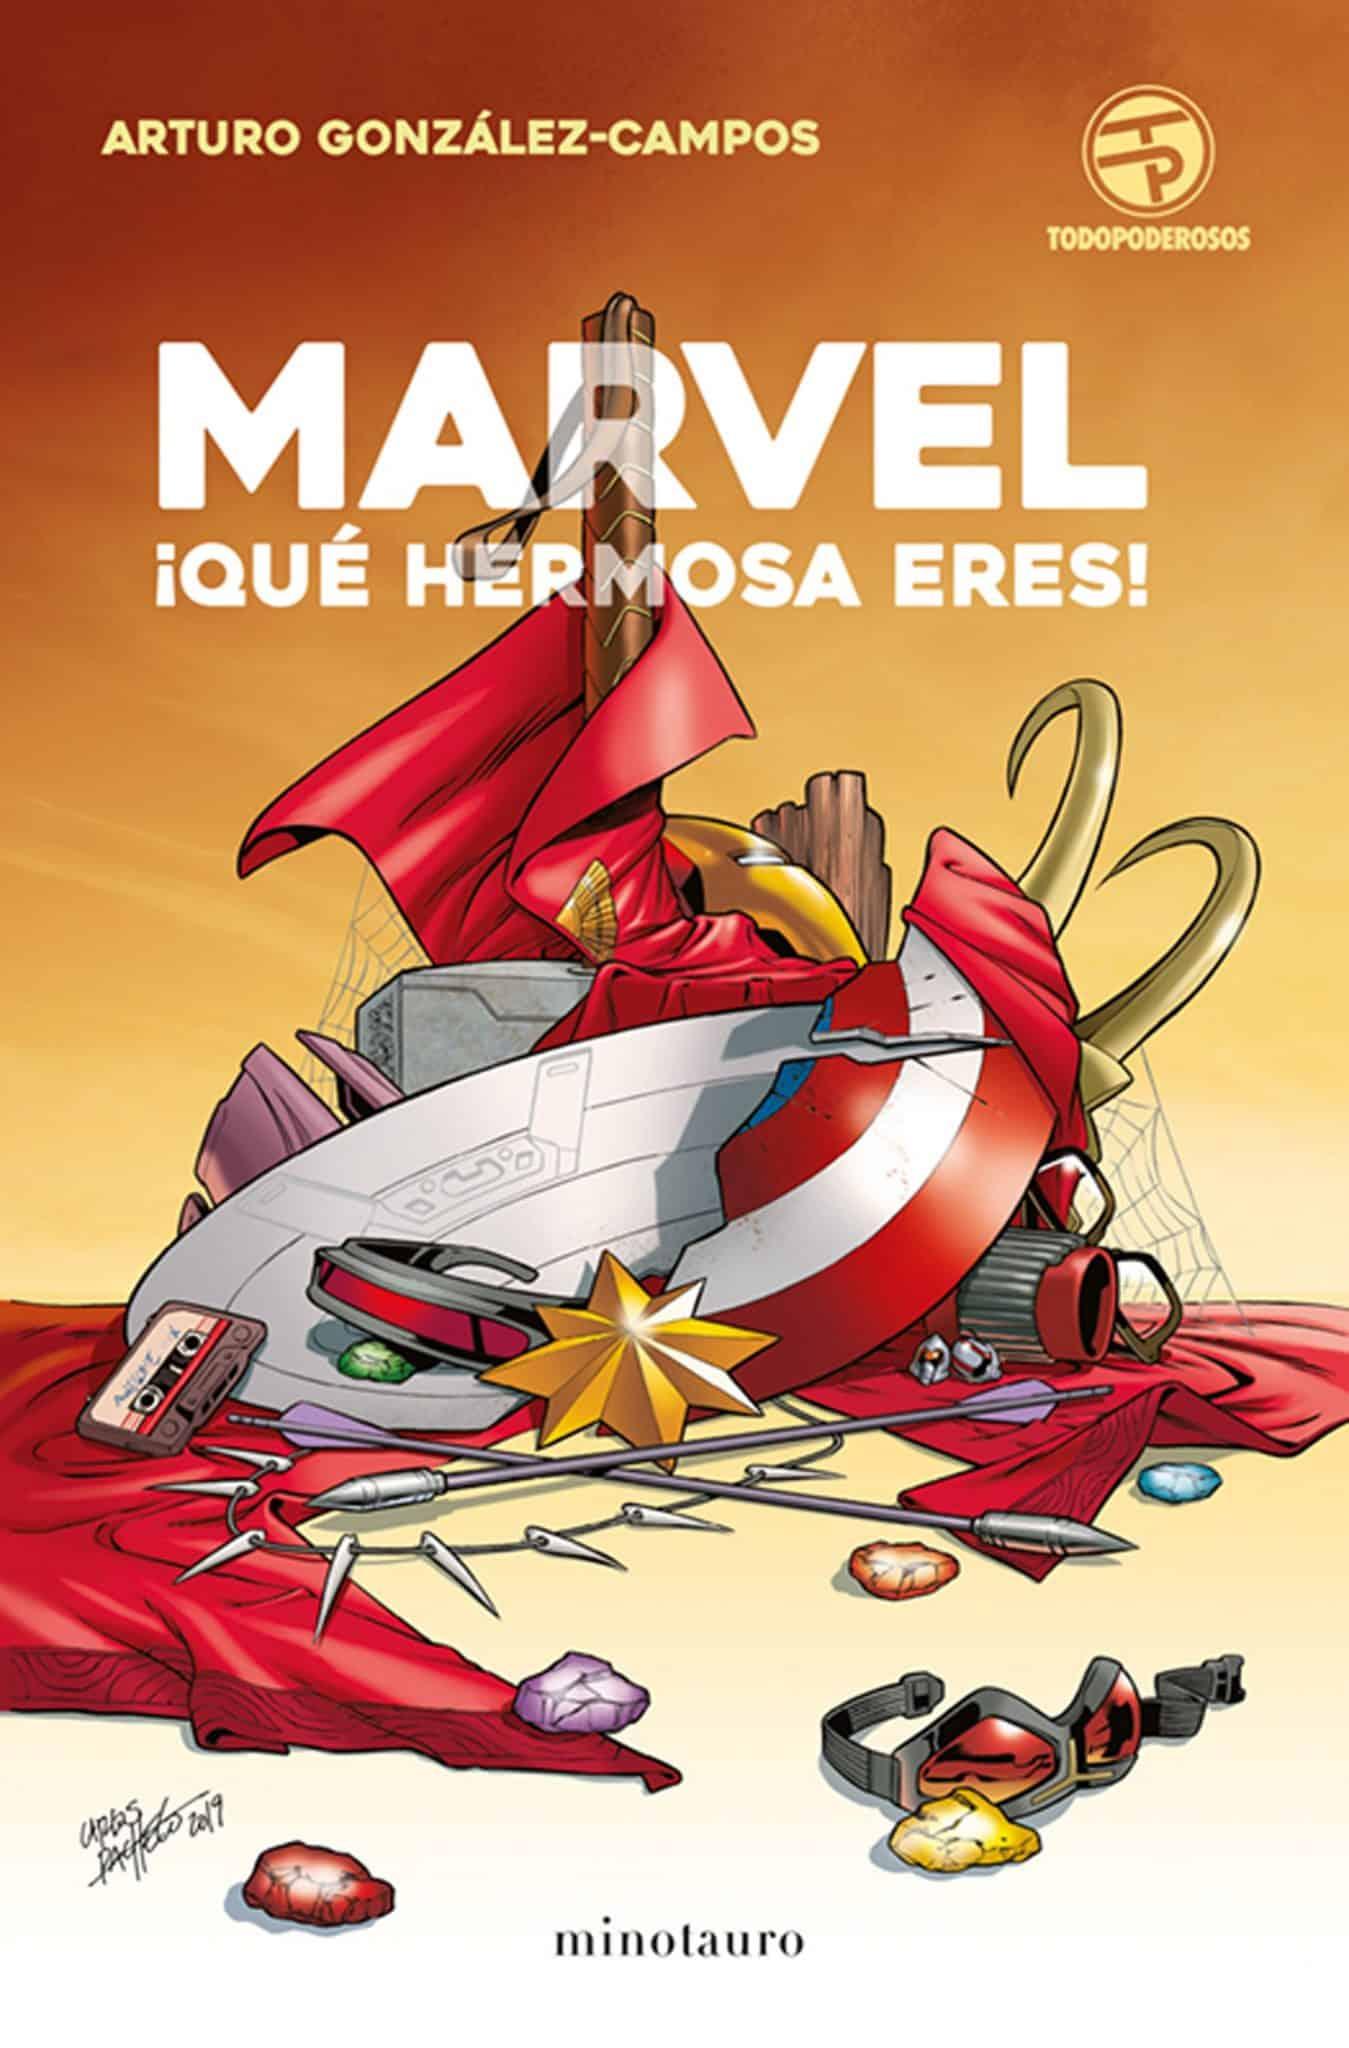 Marvel, ¡qué hermosa eres!